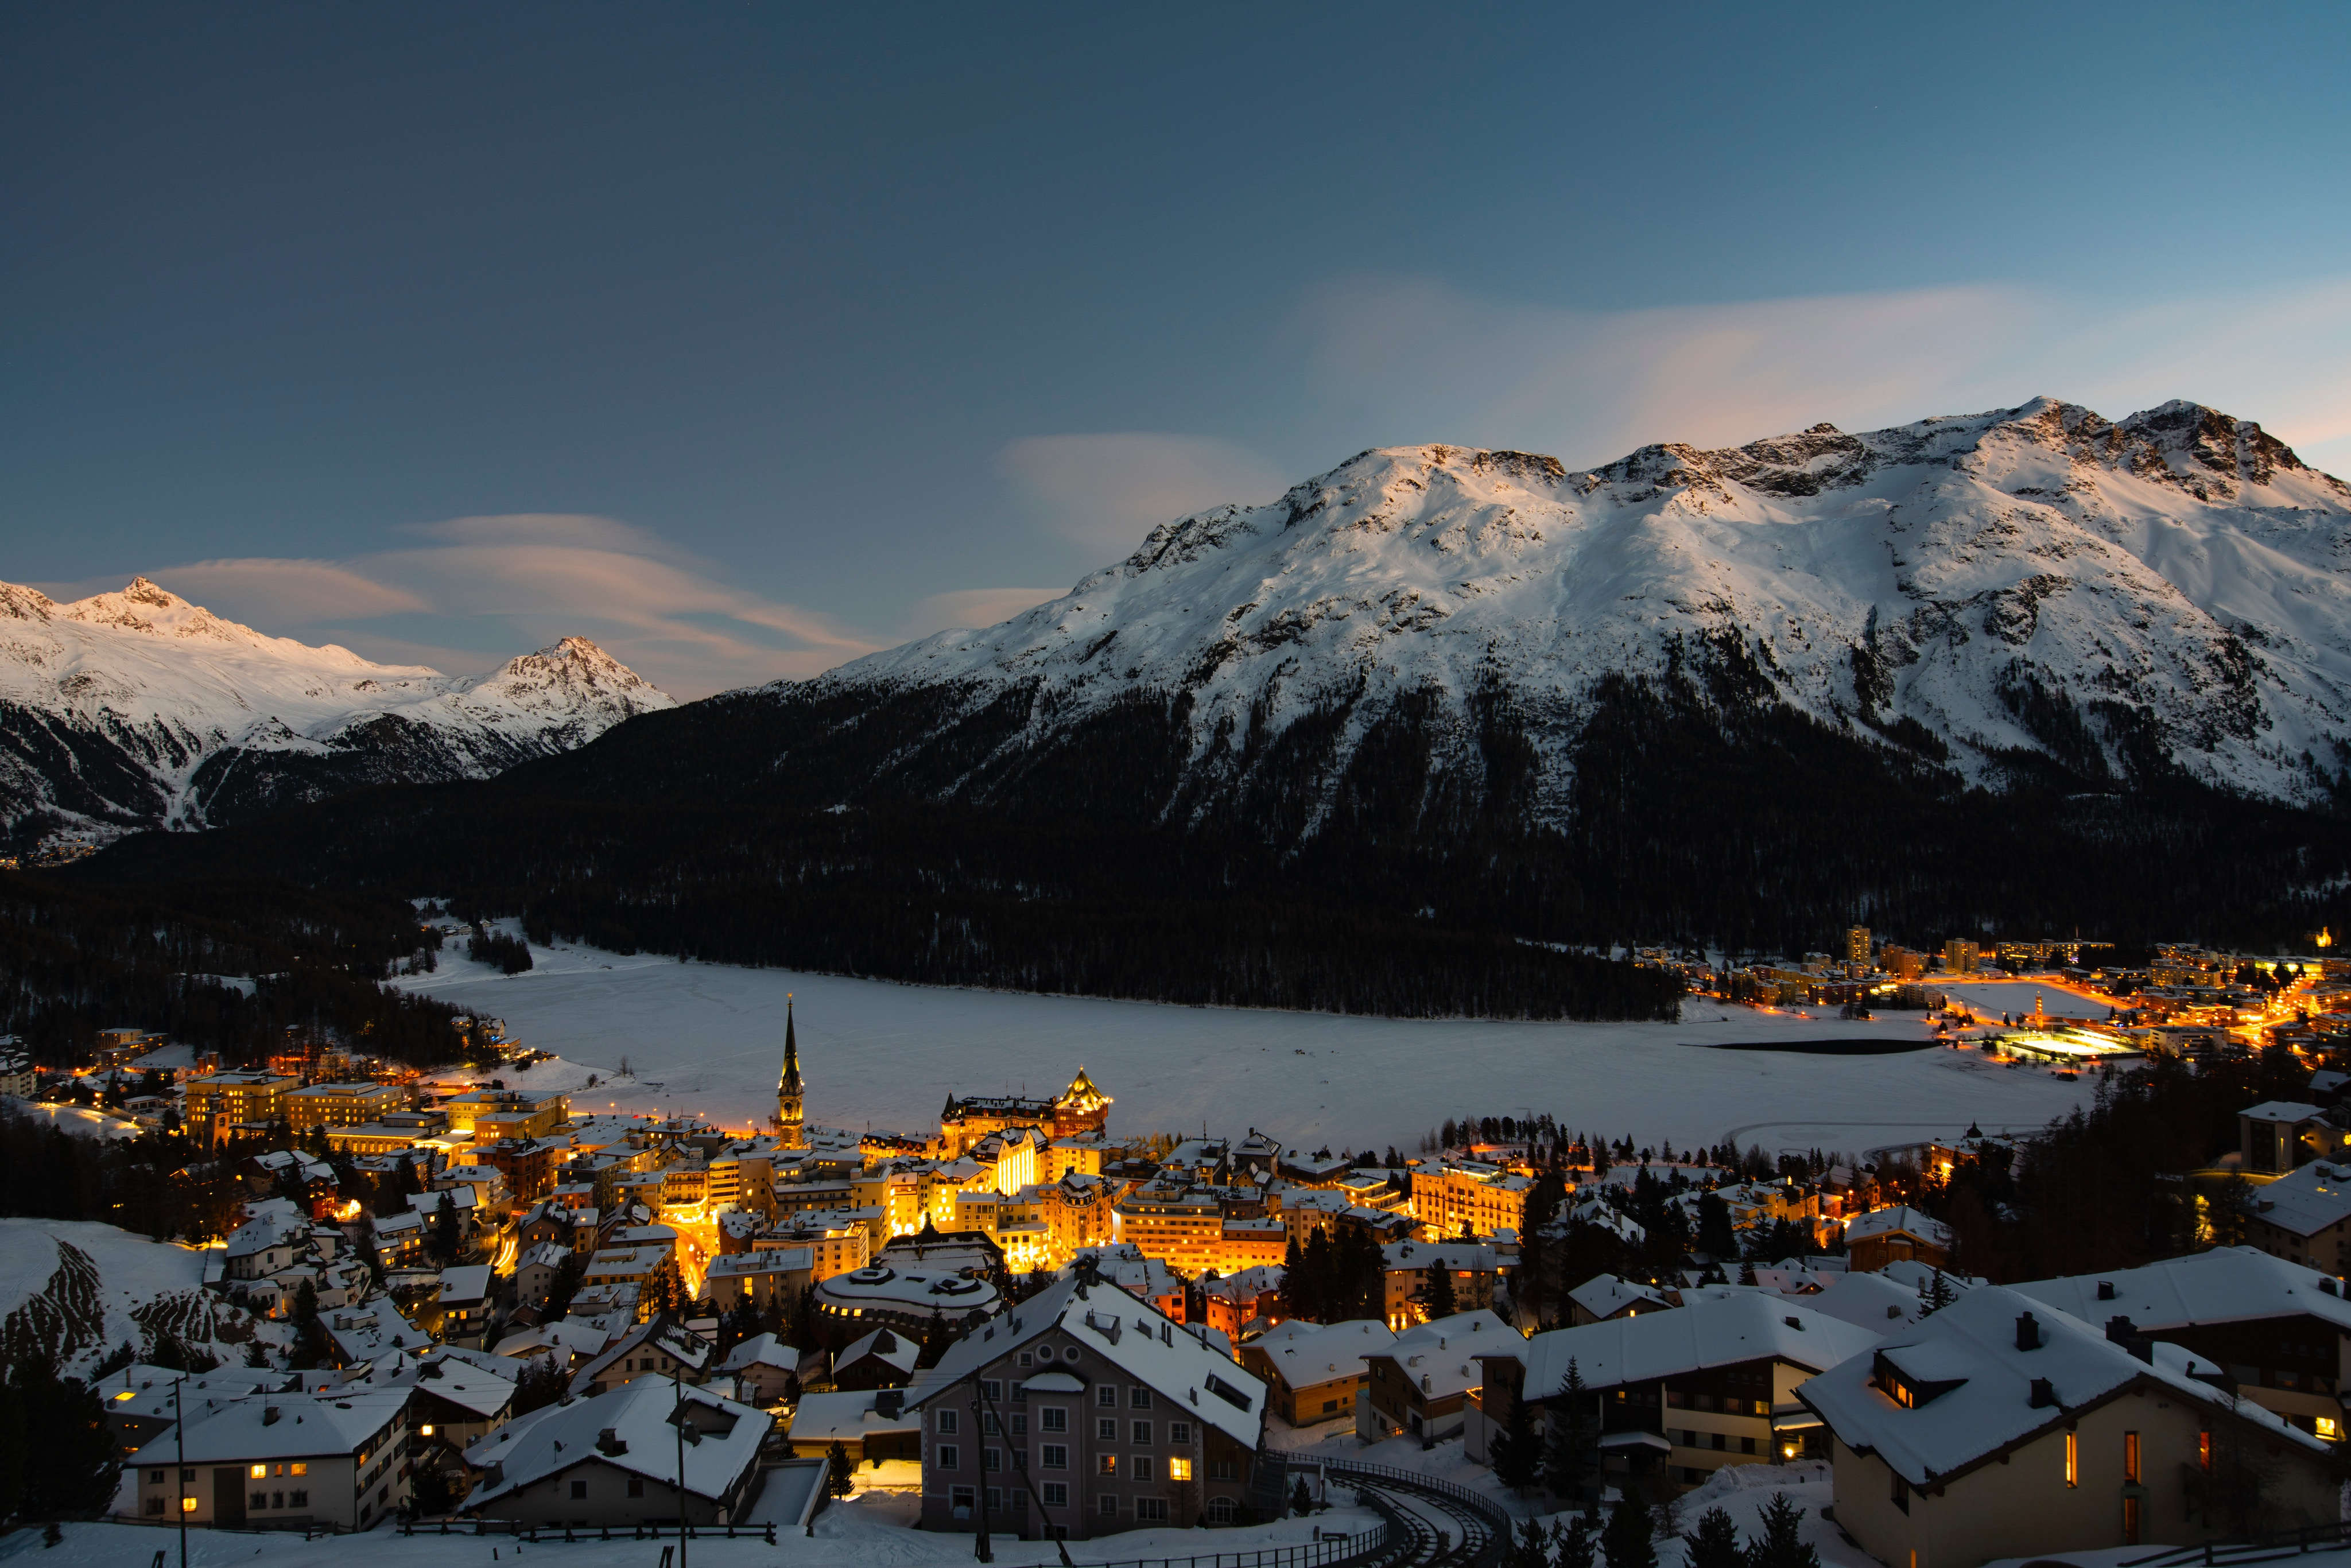 57332 Заставки и Обои Снег на телефон. Скачать Гора, Швейцария, Зима, Природа, Снег, Свет, Деревня картинки бесплатно